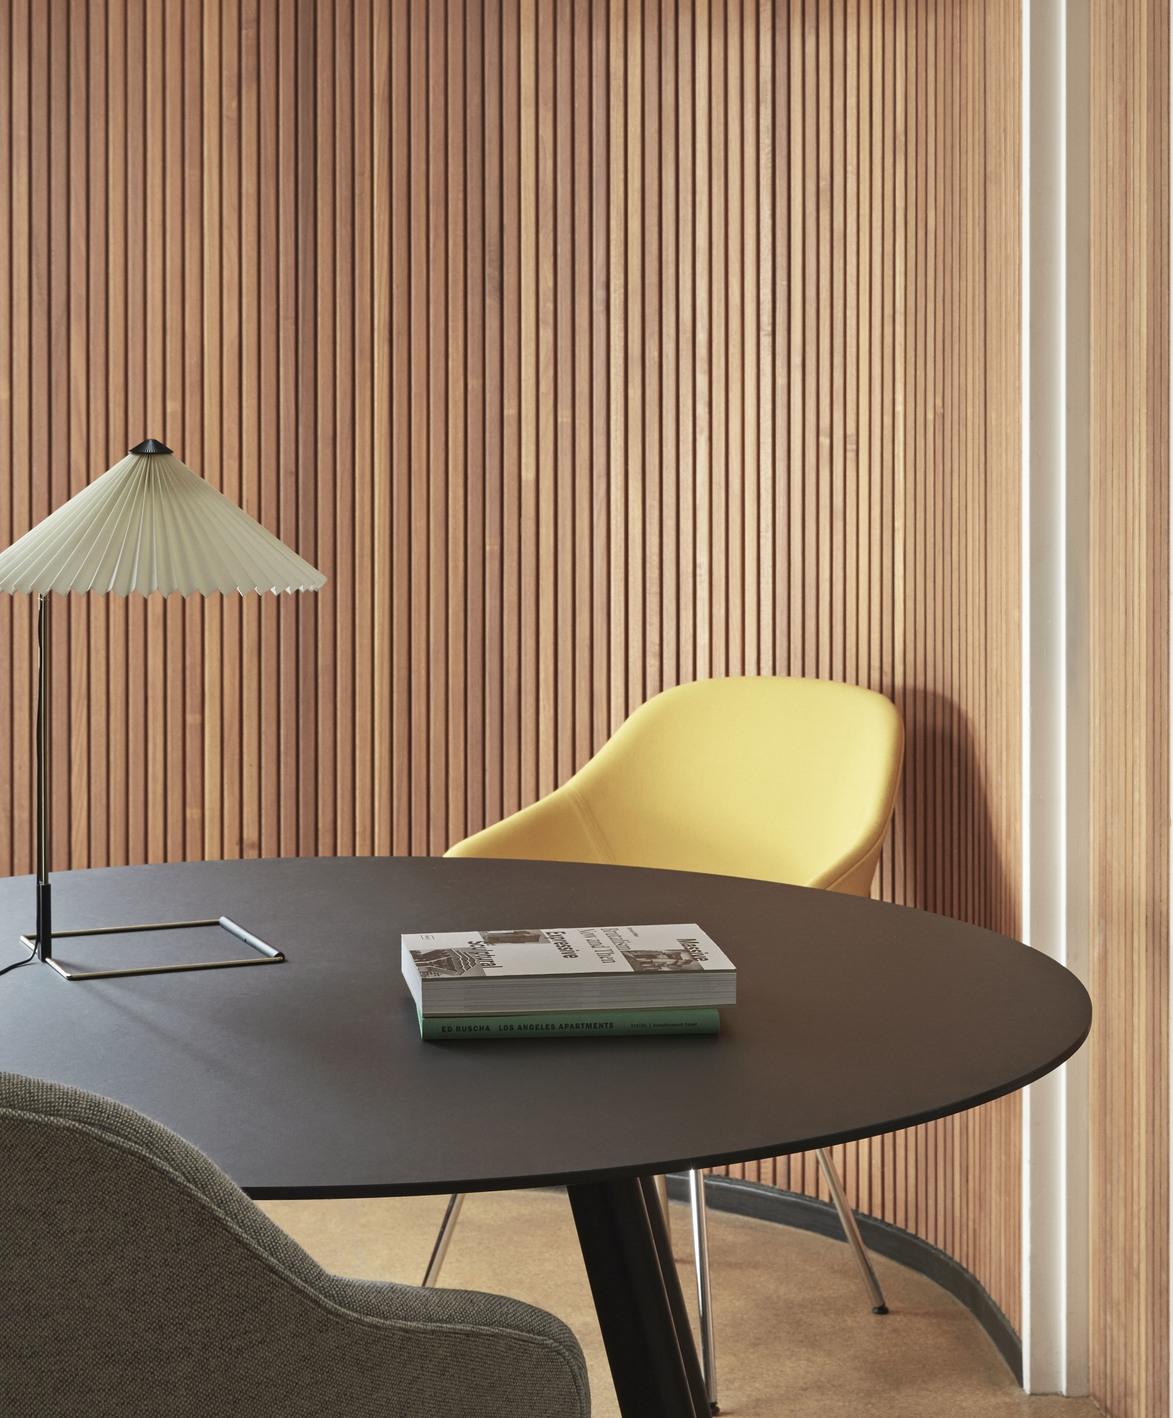 HAY Tisch CPH 25 Linoleum grau / Eiche